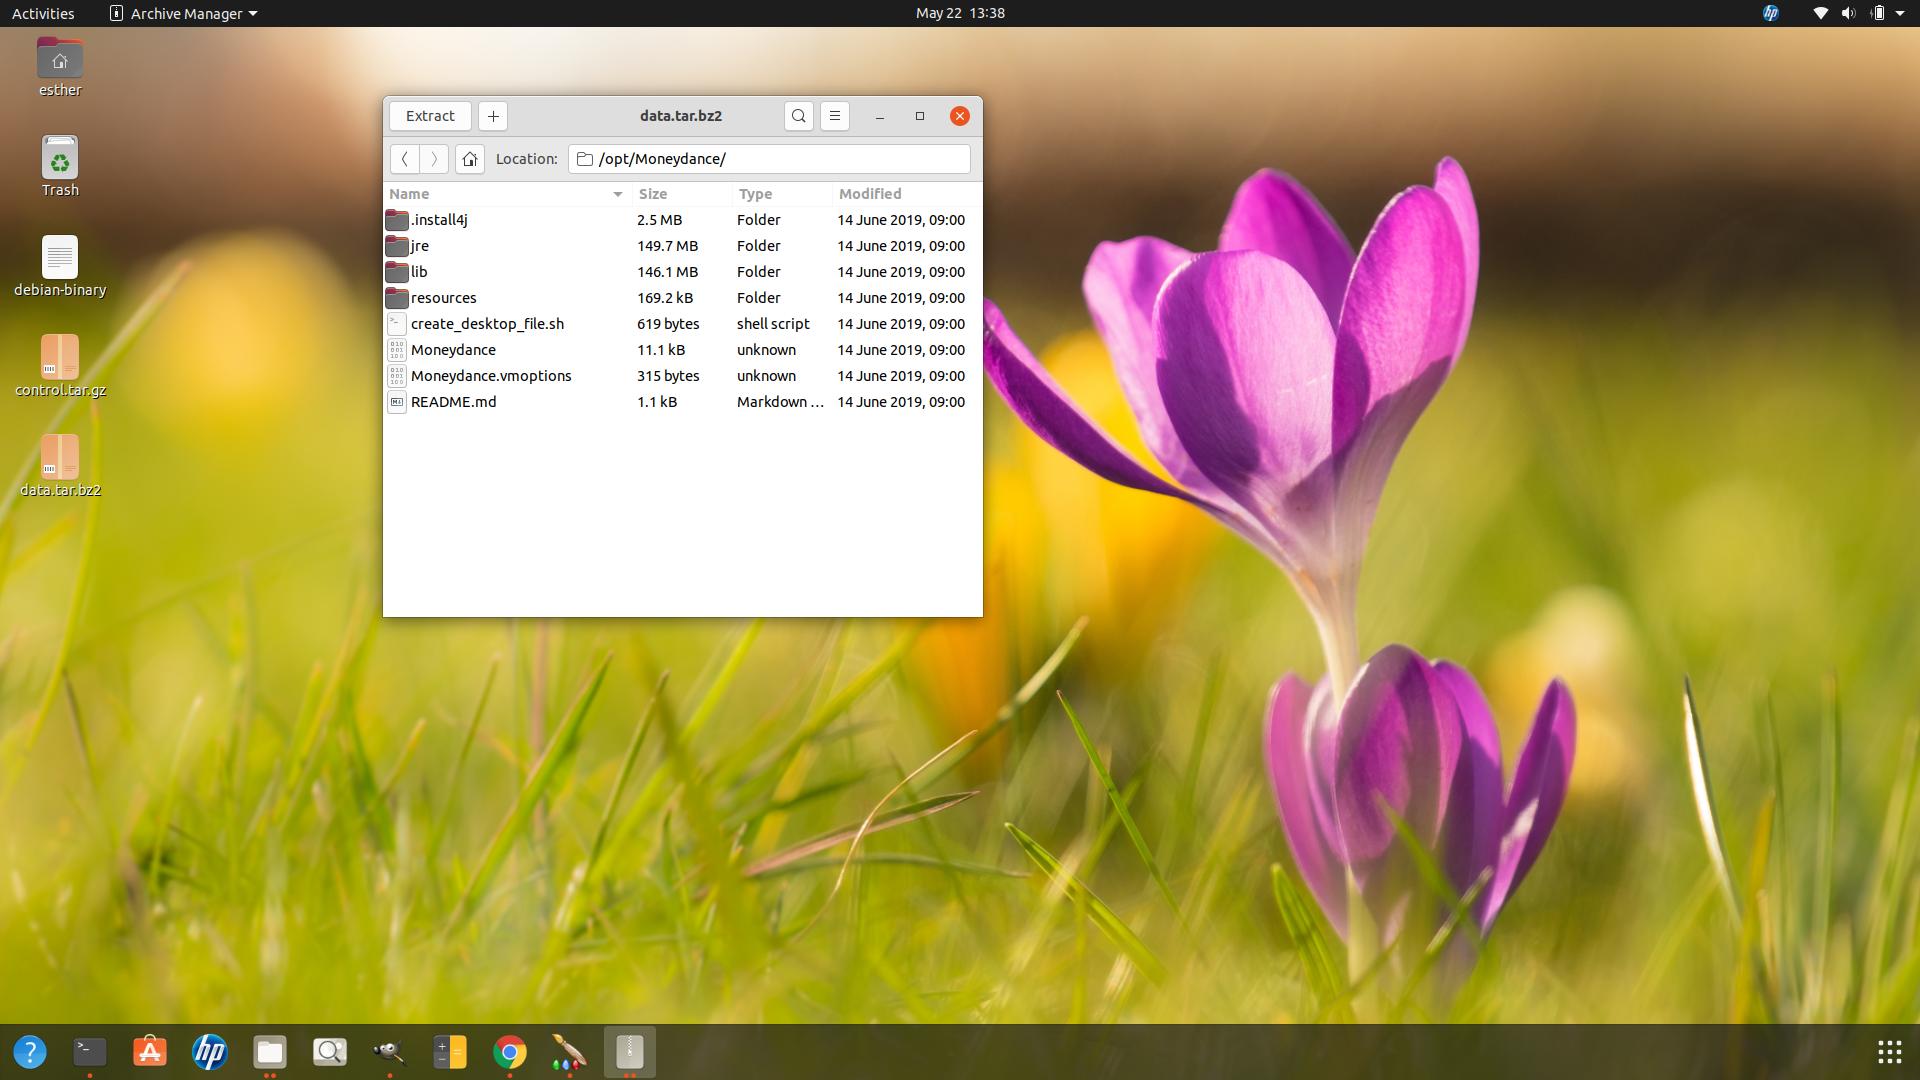 Screenshot_from_2020-05-22_13-38-47